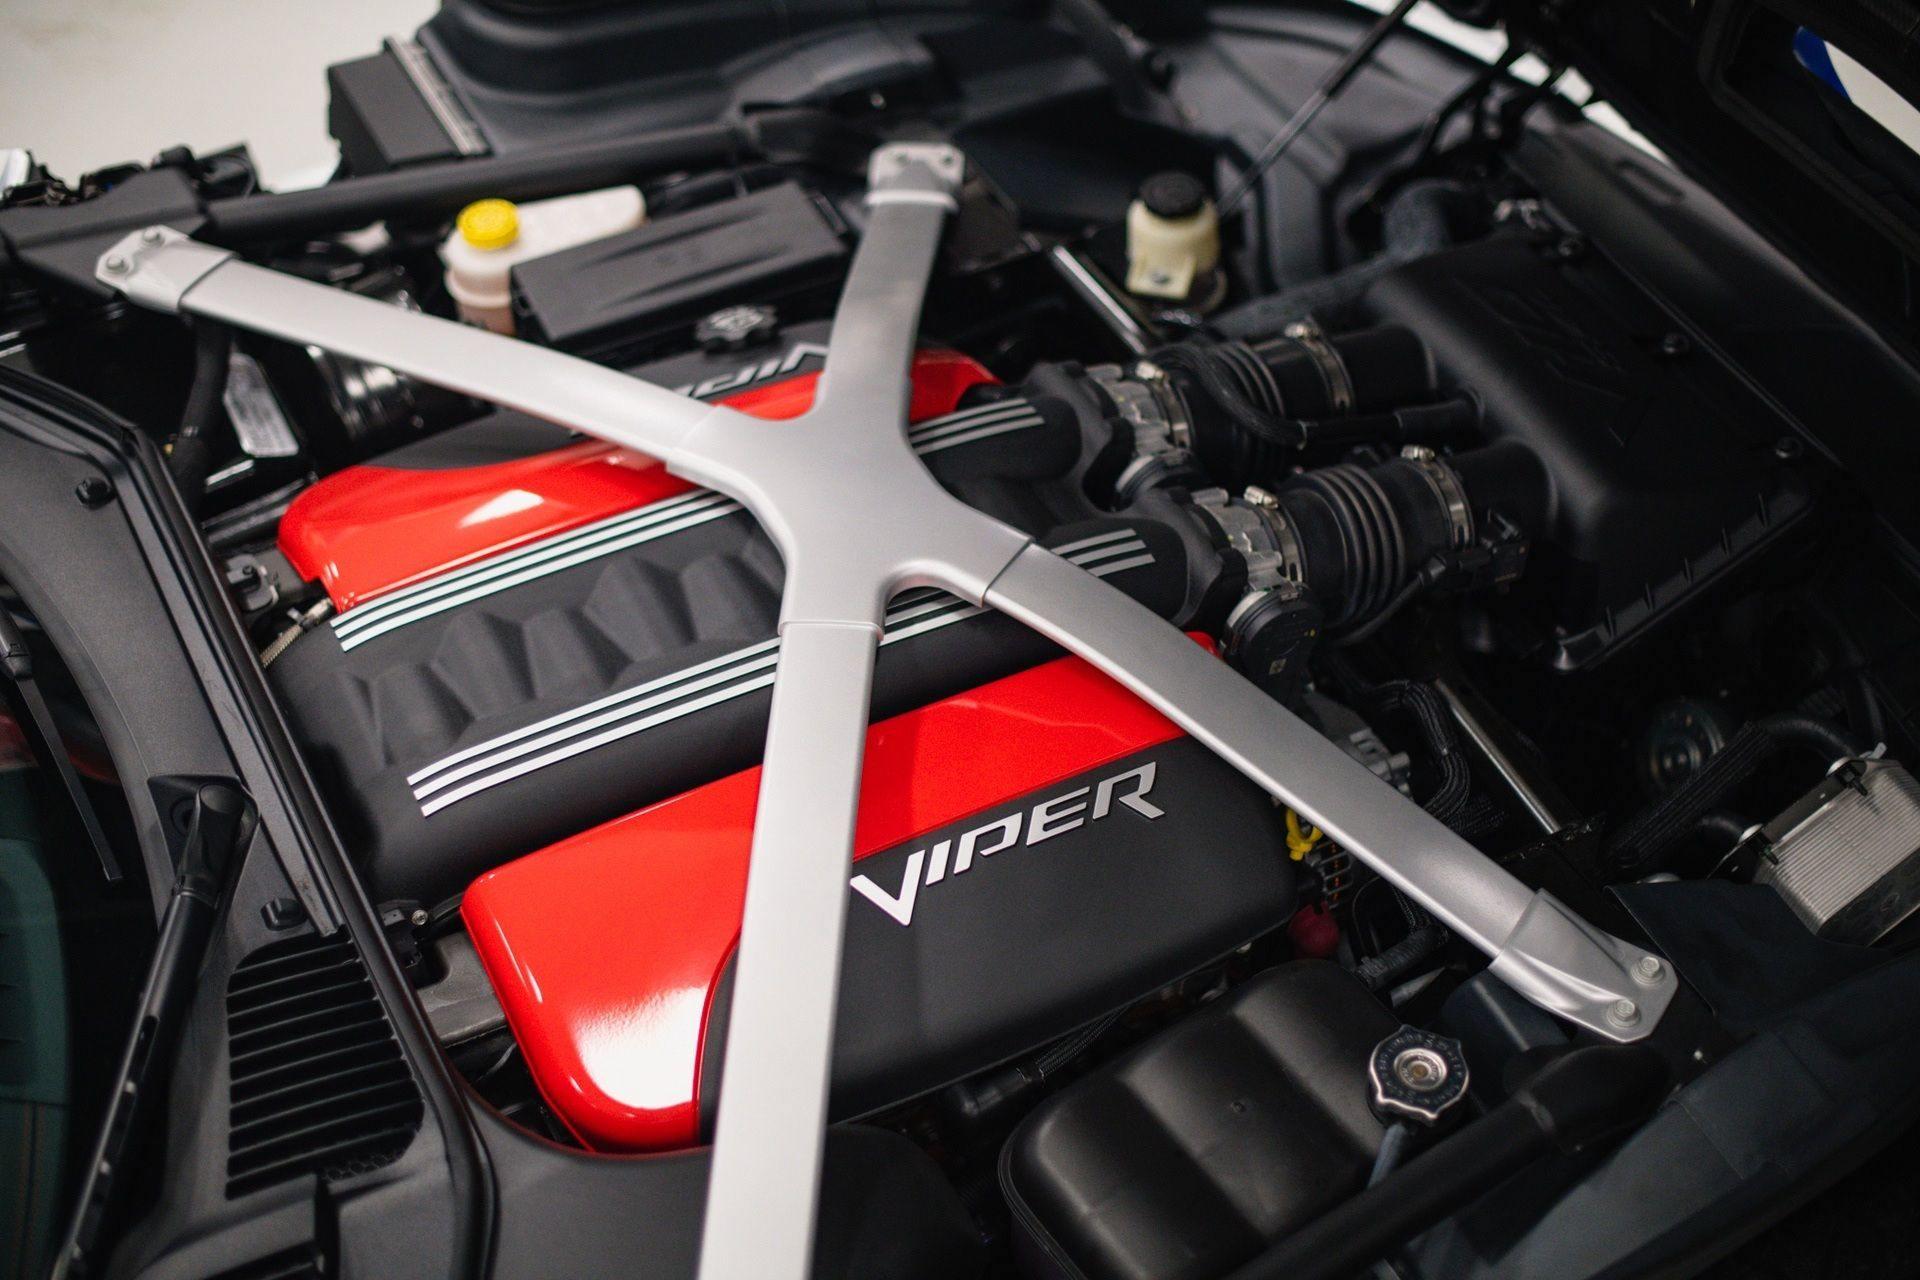 Dodge_Viper_GTS-R_Final_Edition_ACR_sale-0022